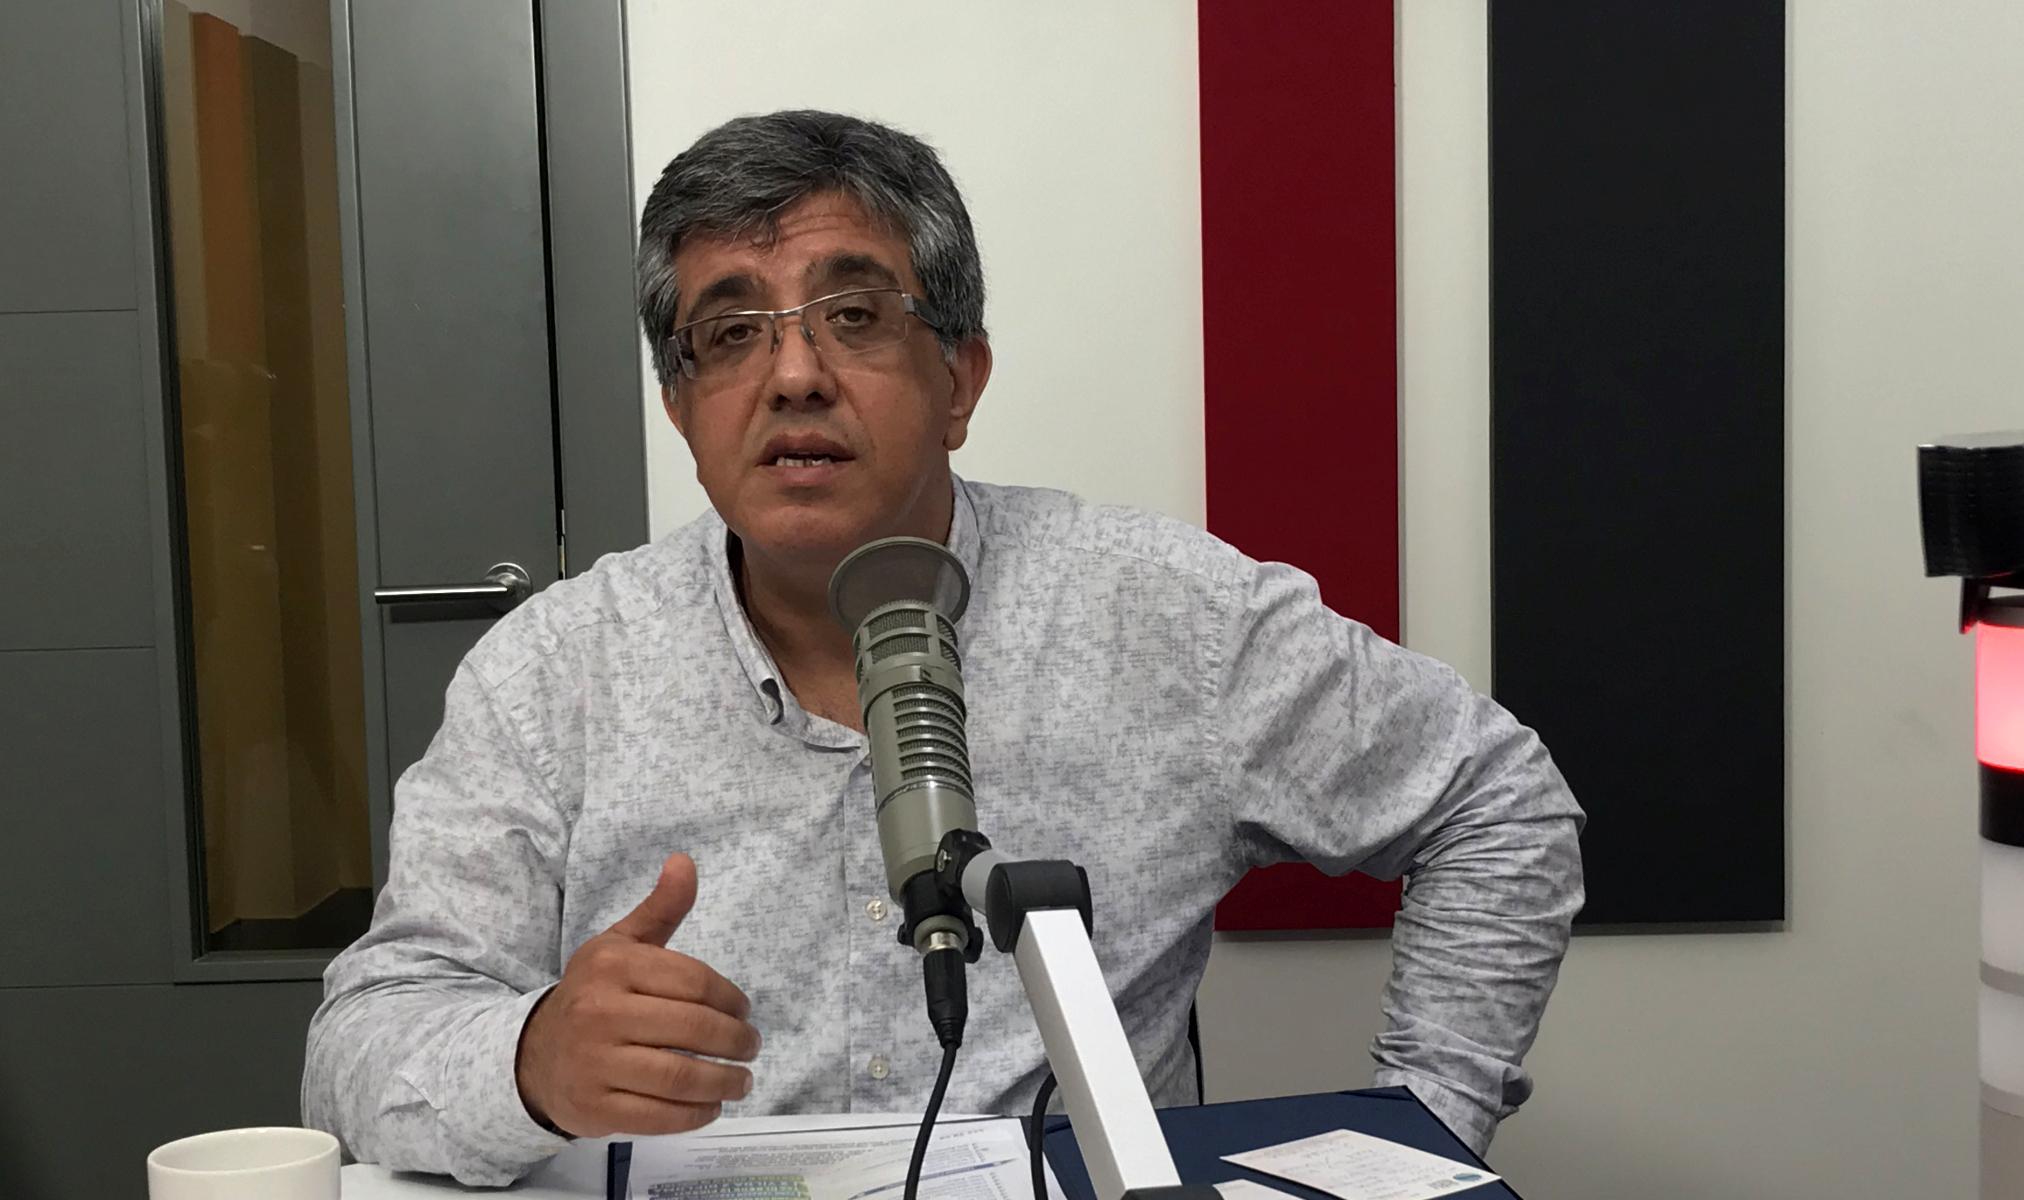 Şişli M.Y.O. Müdürü Dr. M.Sedat Bekiroğlu Akademik Bakış'ta Michael Kuyucu'nun Konuğu Oldu